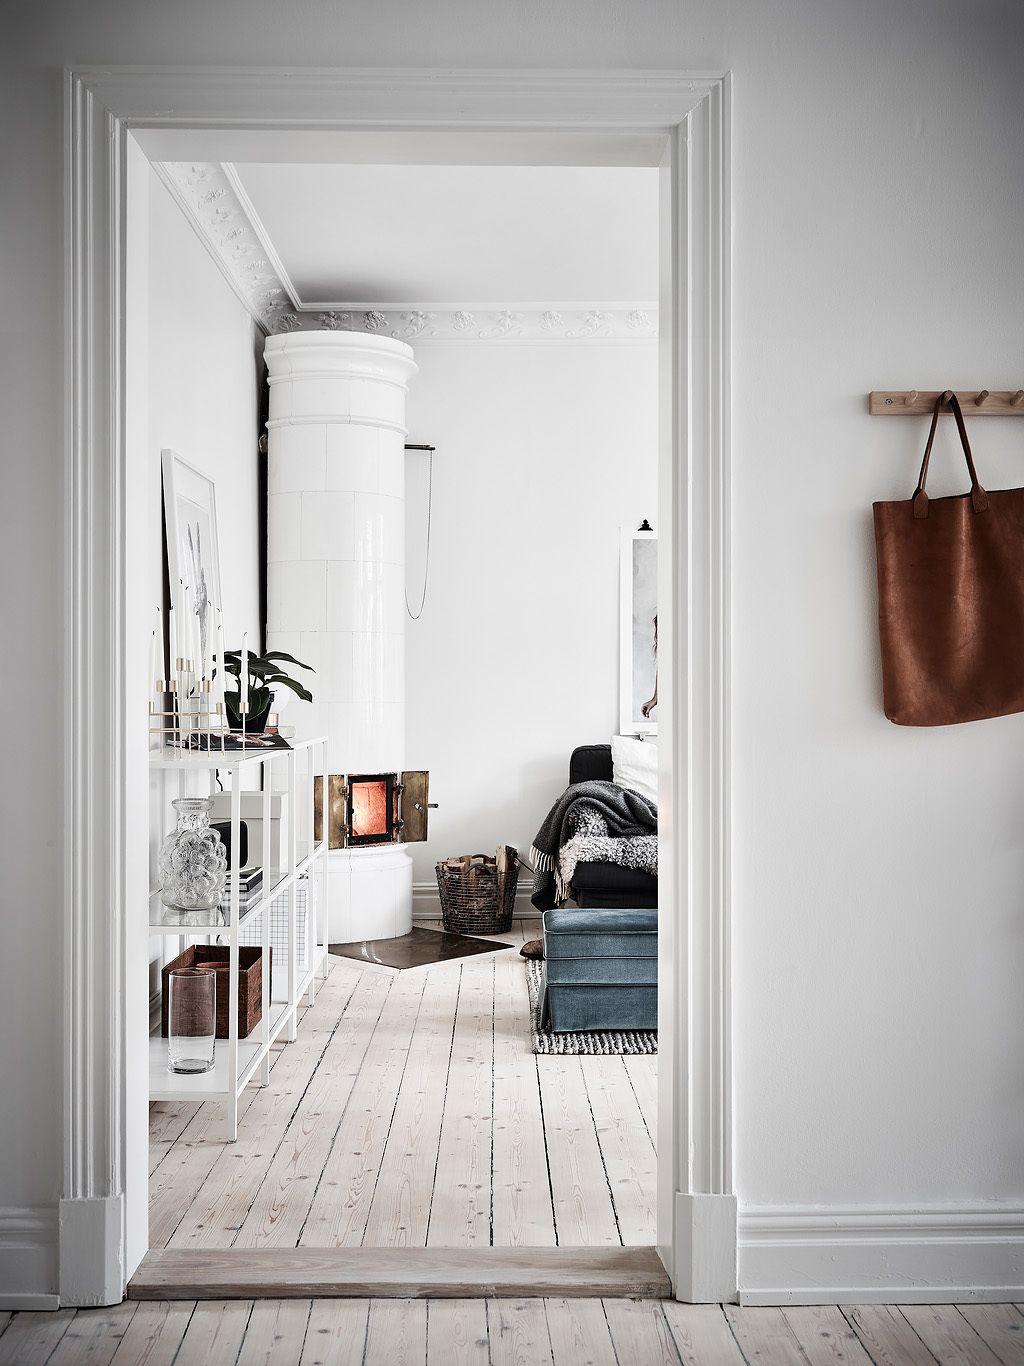 Zweeds Interieur Design.Kakelugn De Zweedse Tegelkachel Woonideeen Scandinavische